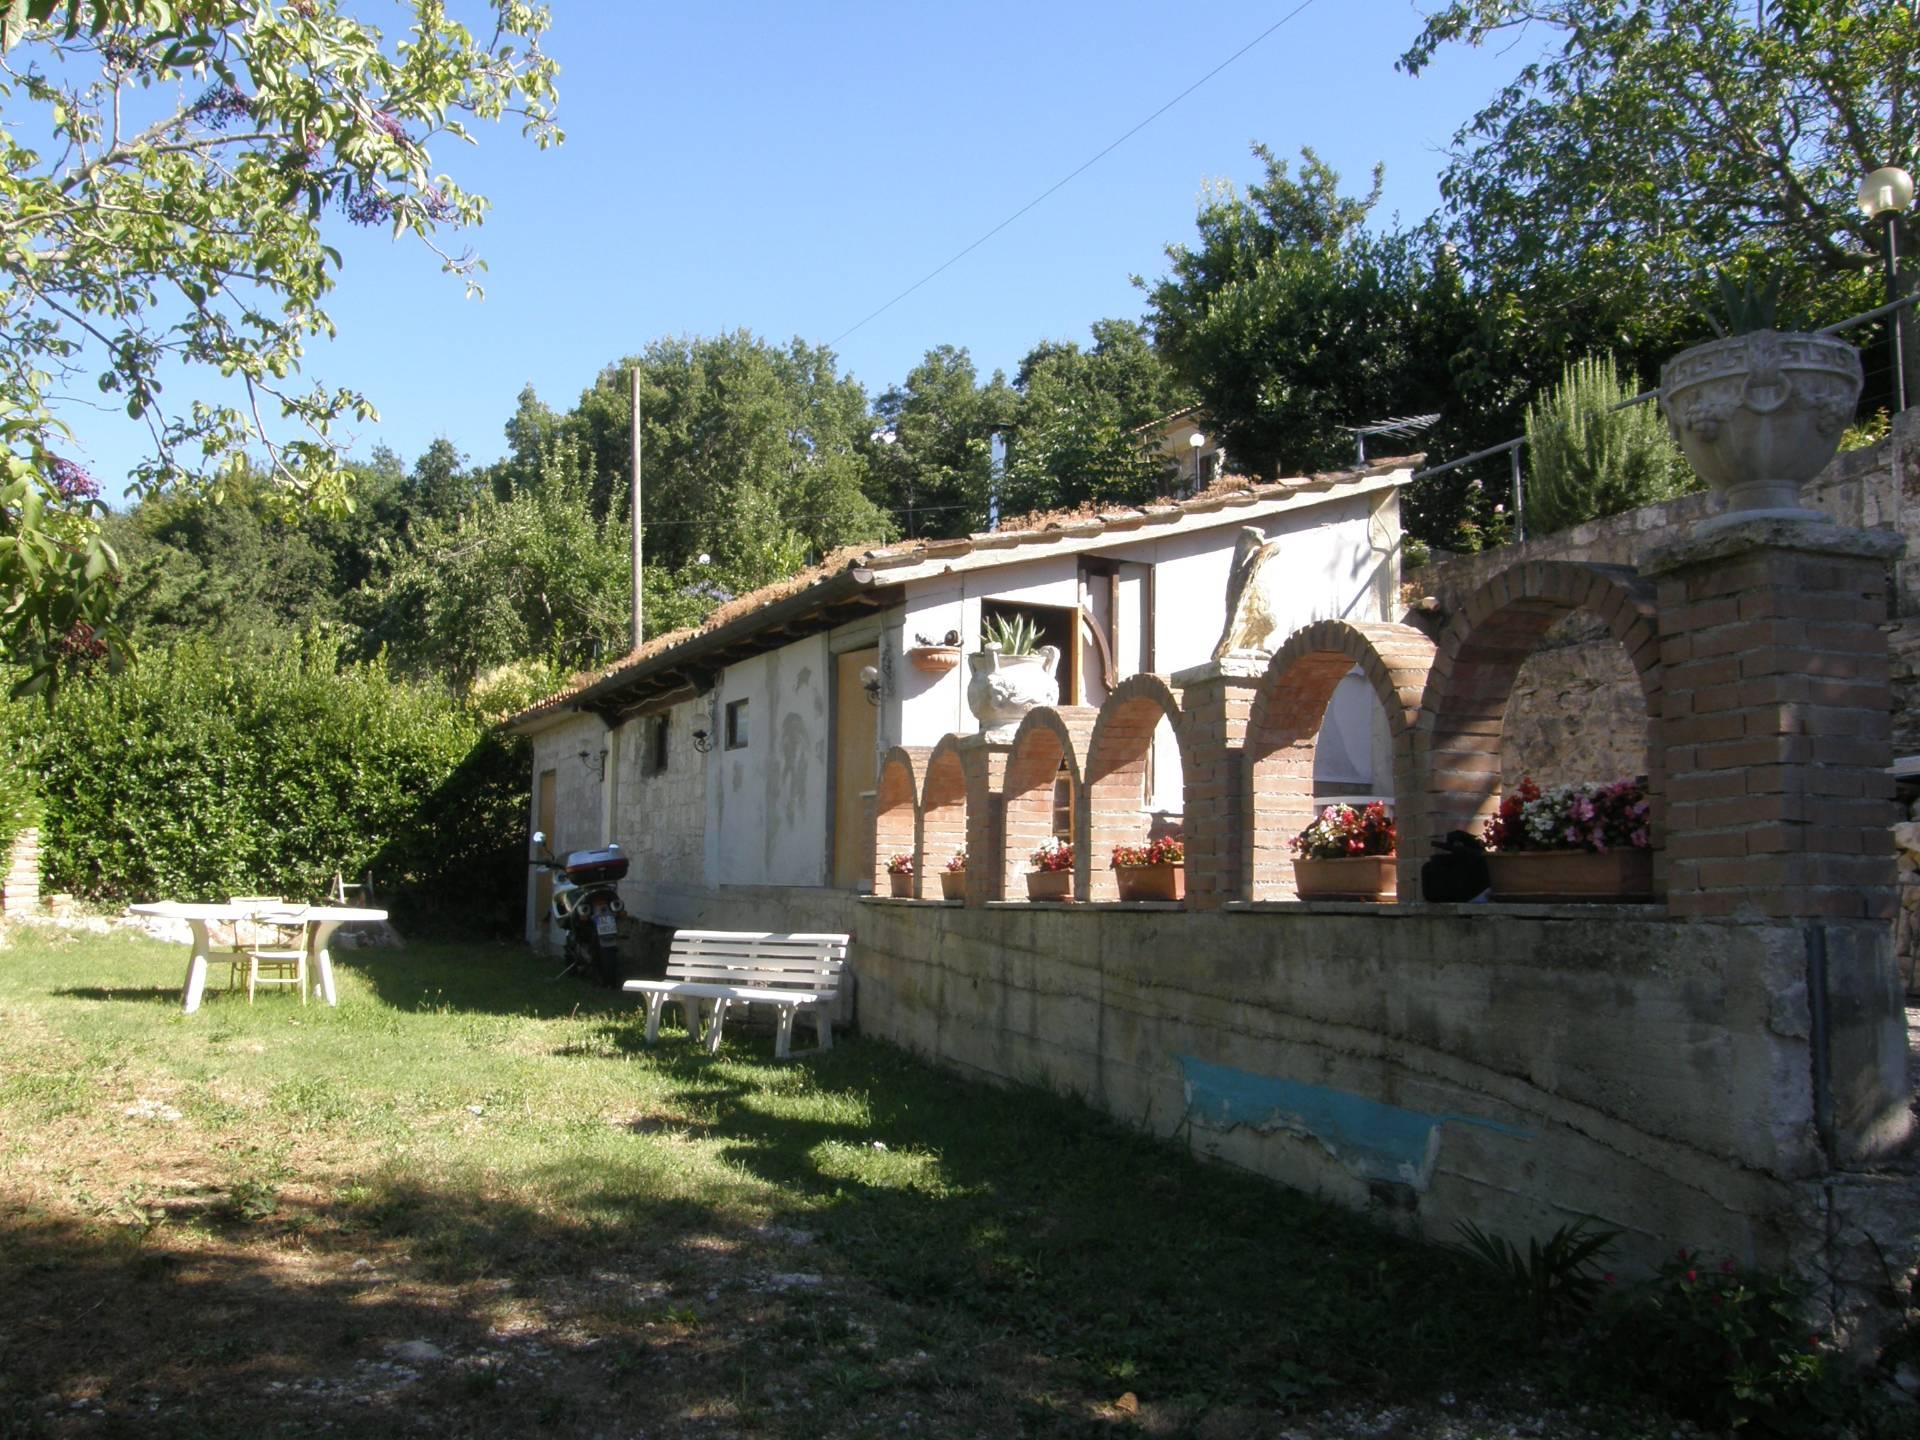 Soluzione Indipendente in vendita a Ascoli Piceno, 3 locali, zona Zona: Piagge, prezzo € 60.000   Cambio Casa.it